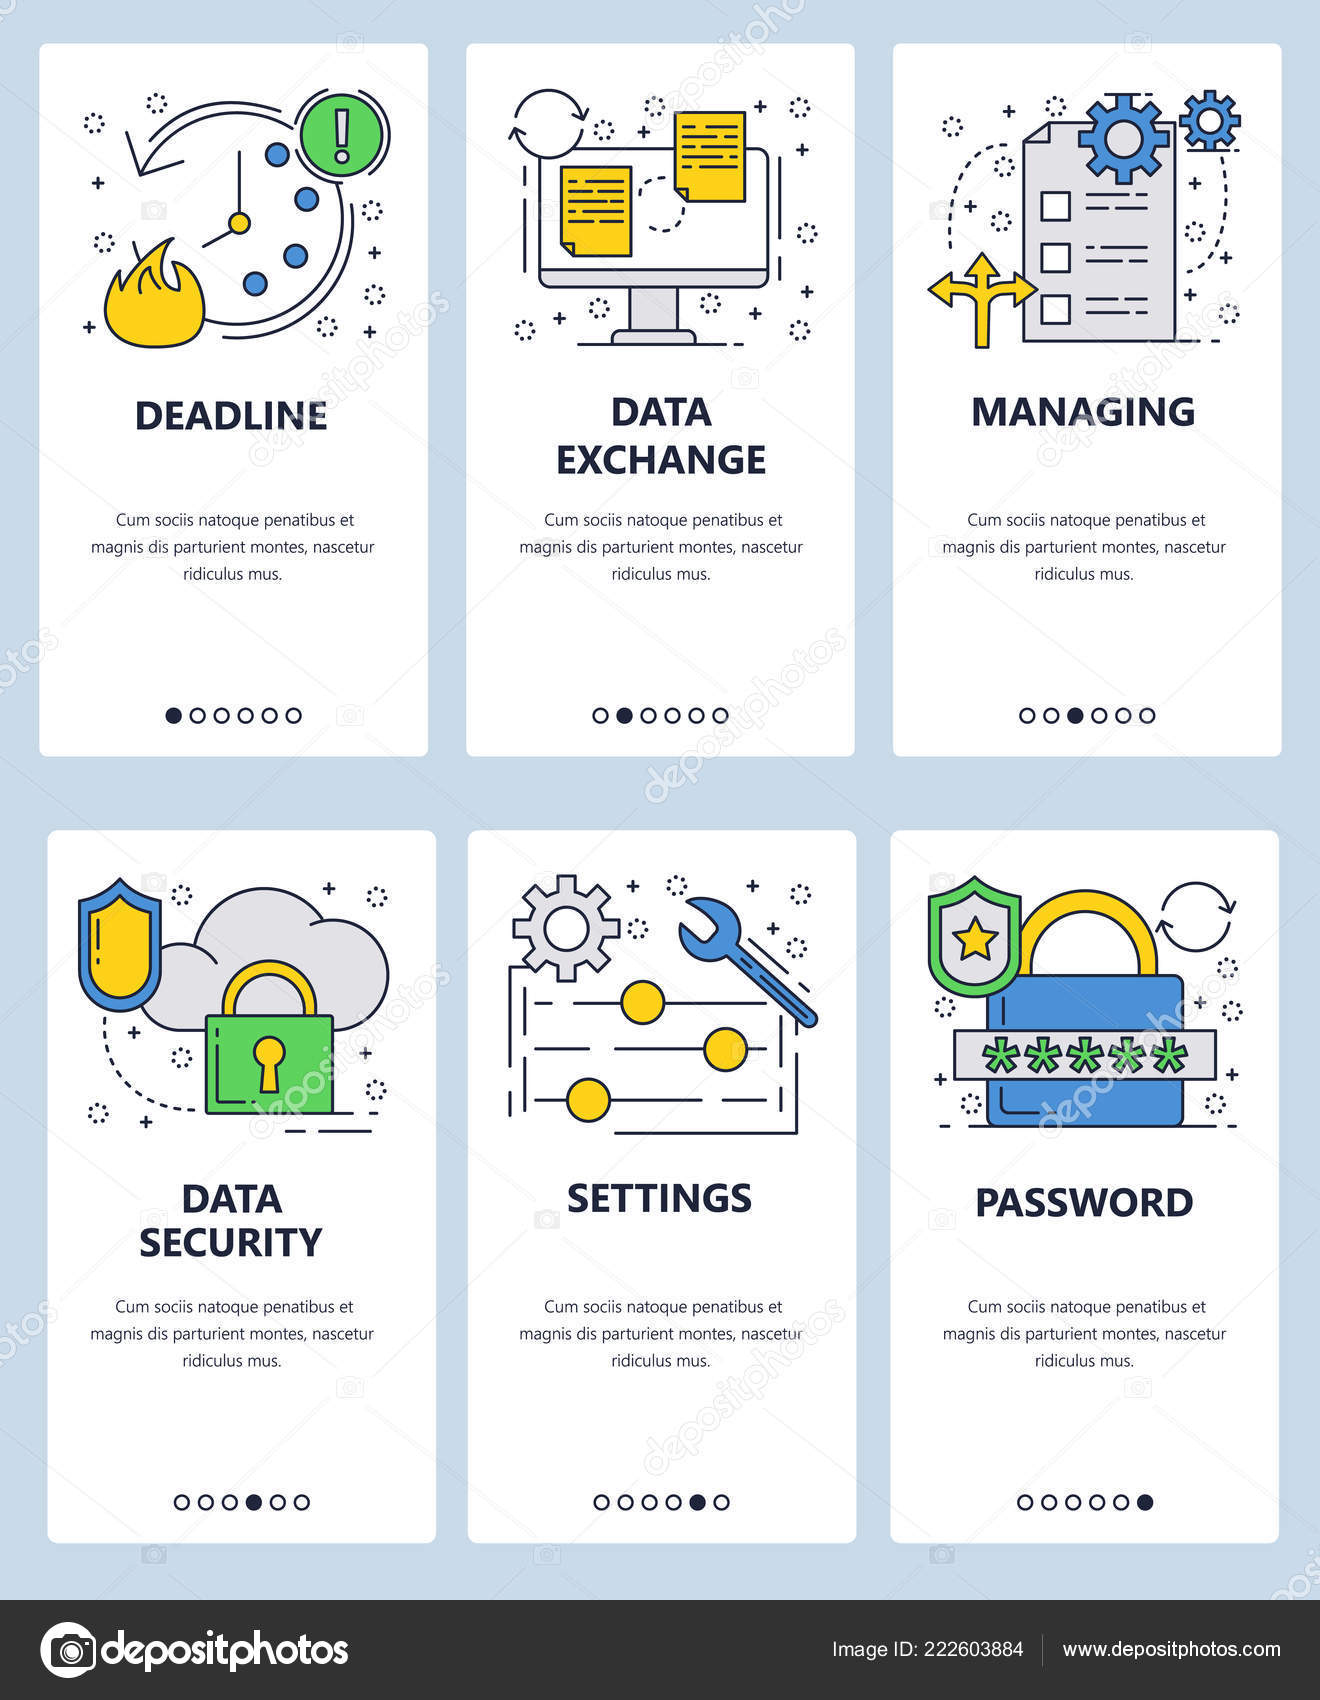 8a0fd50a81 Μεταφορά αρχείων δεδομένων ασφαλείας και αποθήκευσης μενού banner για την  ιστοσελίδα και την ανάπτυξη εφαρμογών για κινητά.